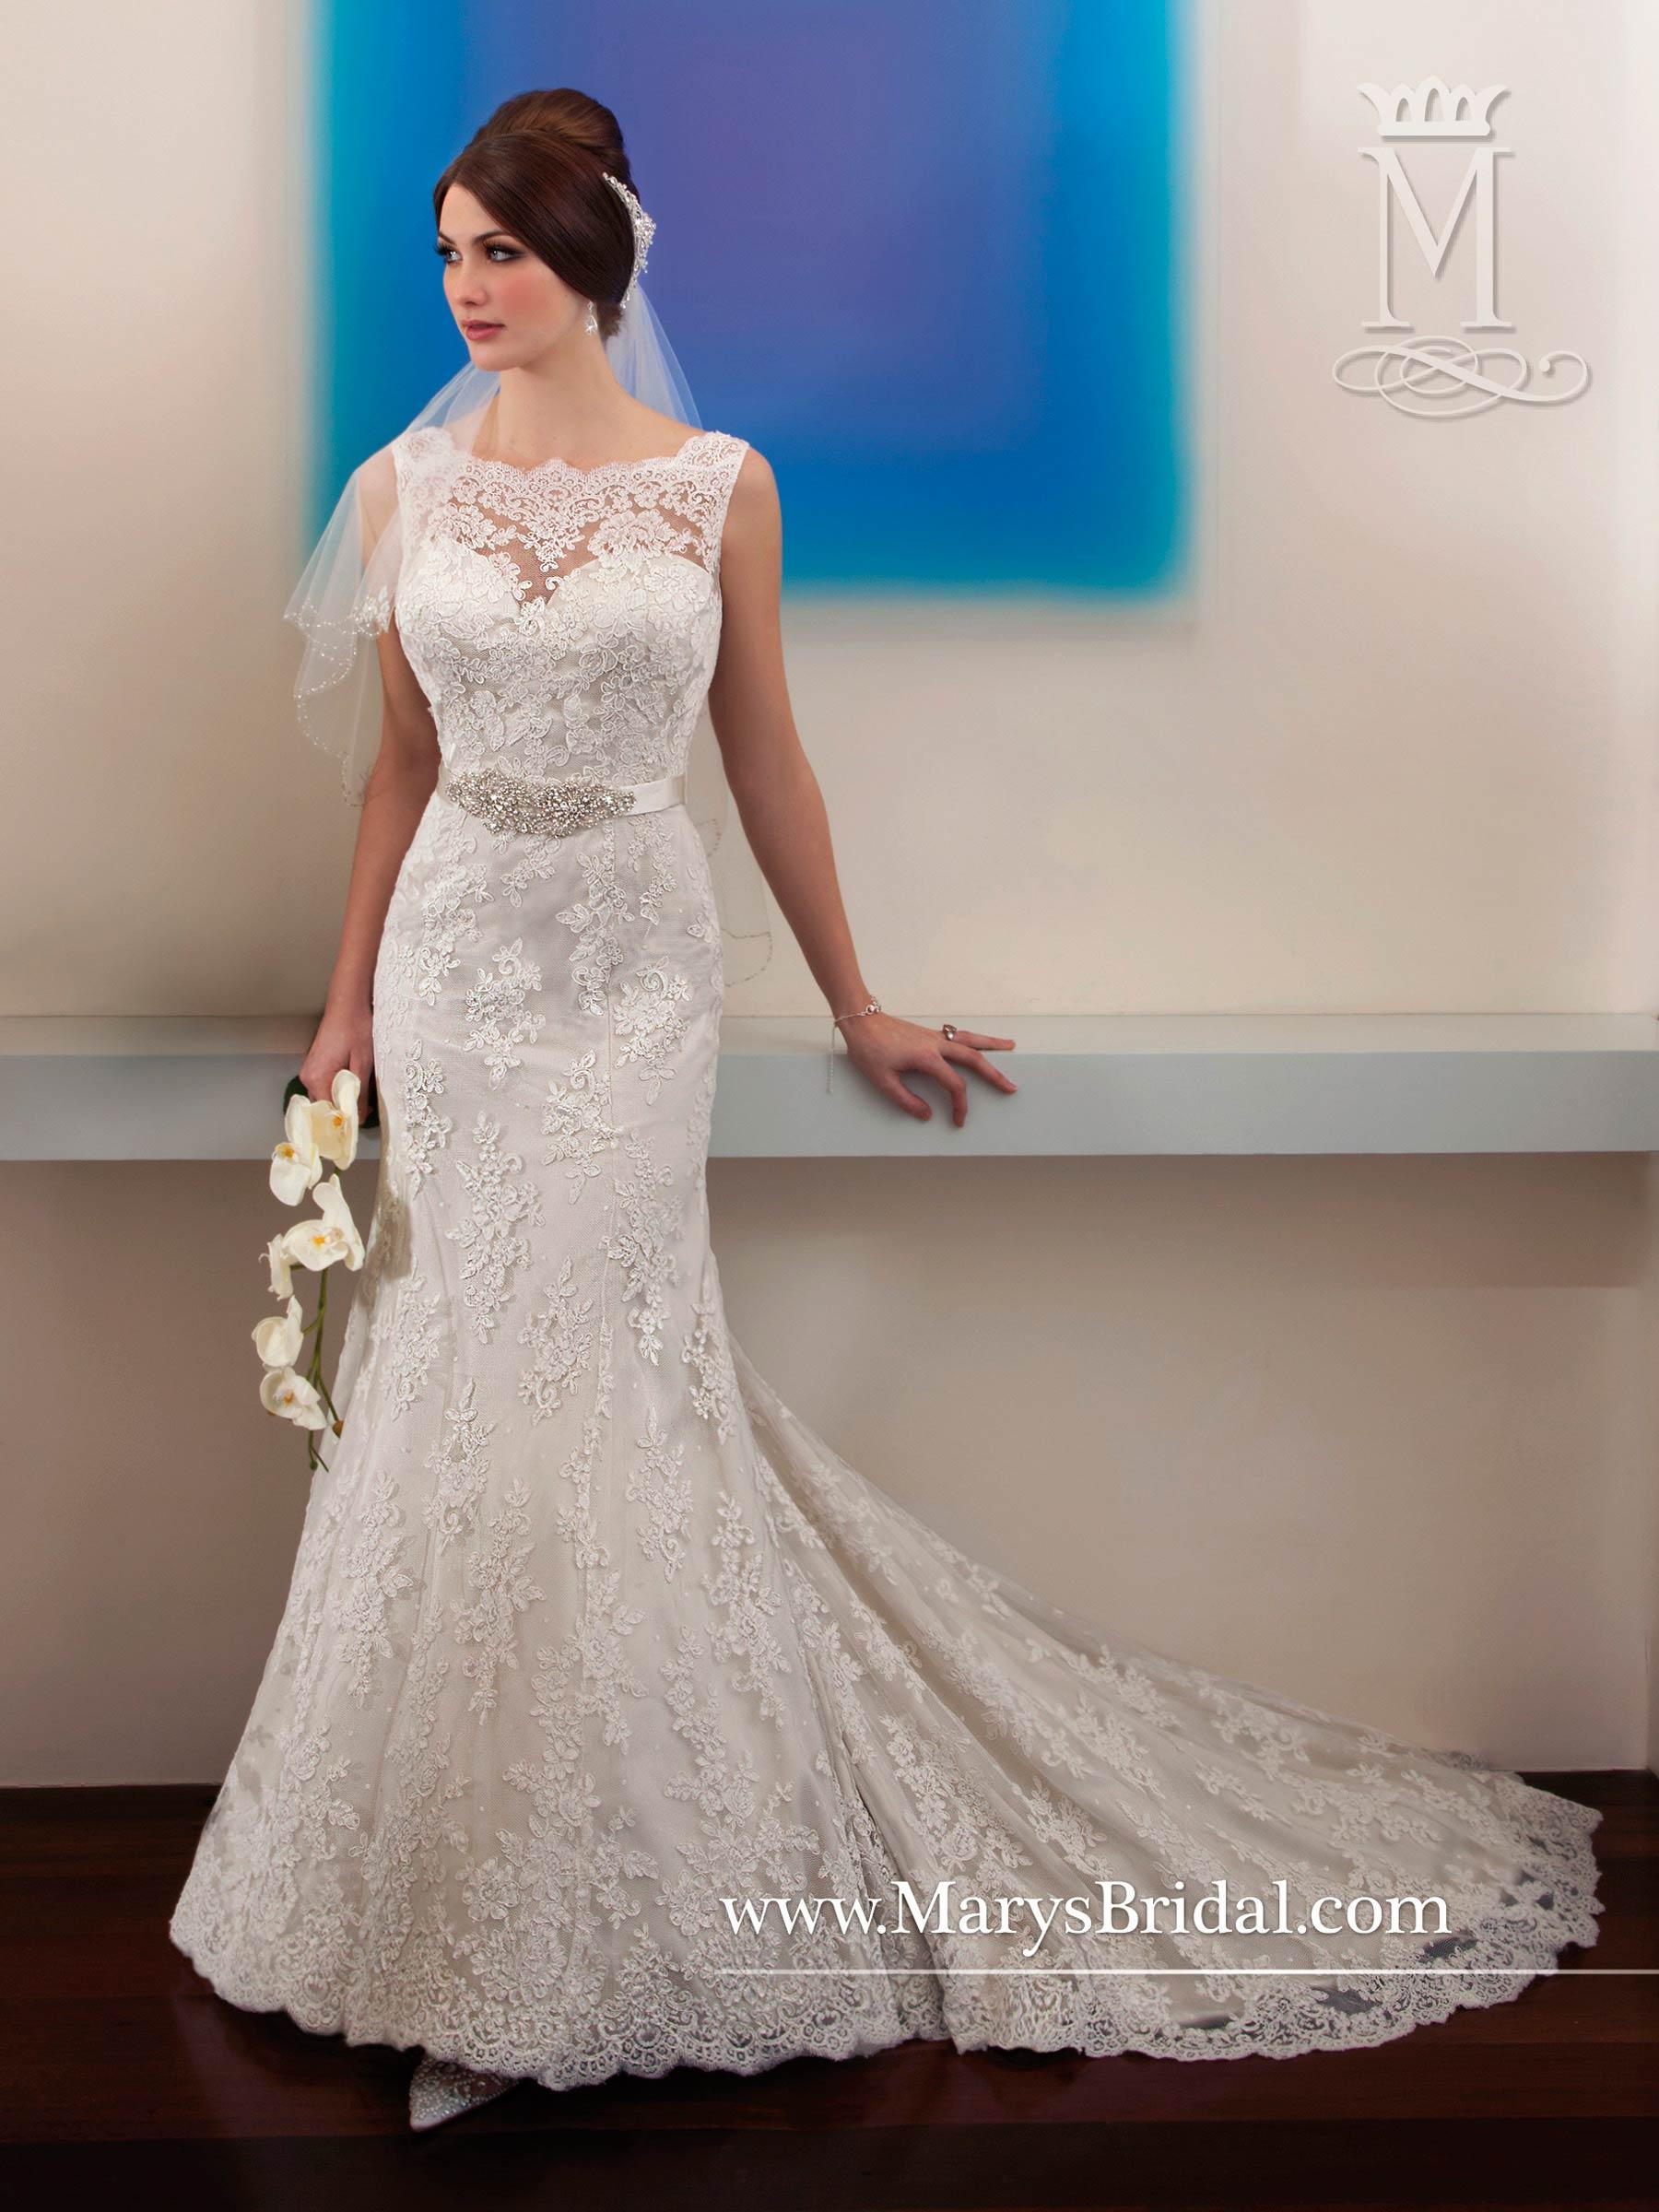 6286-marys bridal